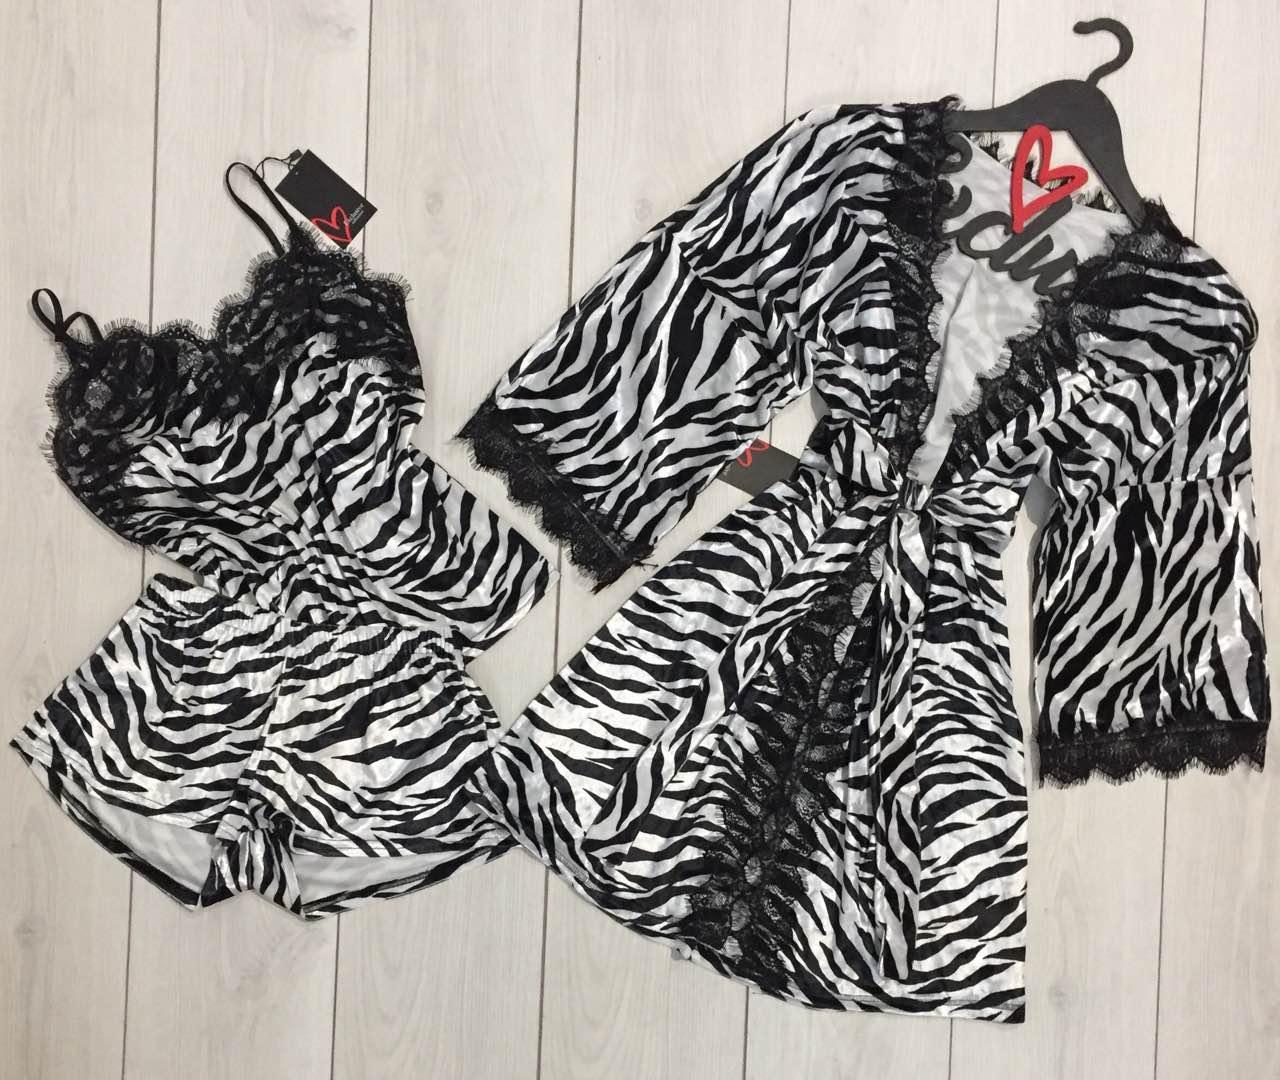 Велюровый комплект для дома халат и пижама 022-038- зебра.